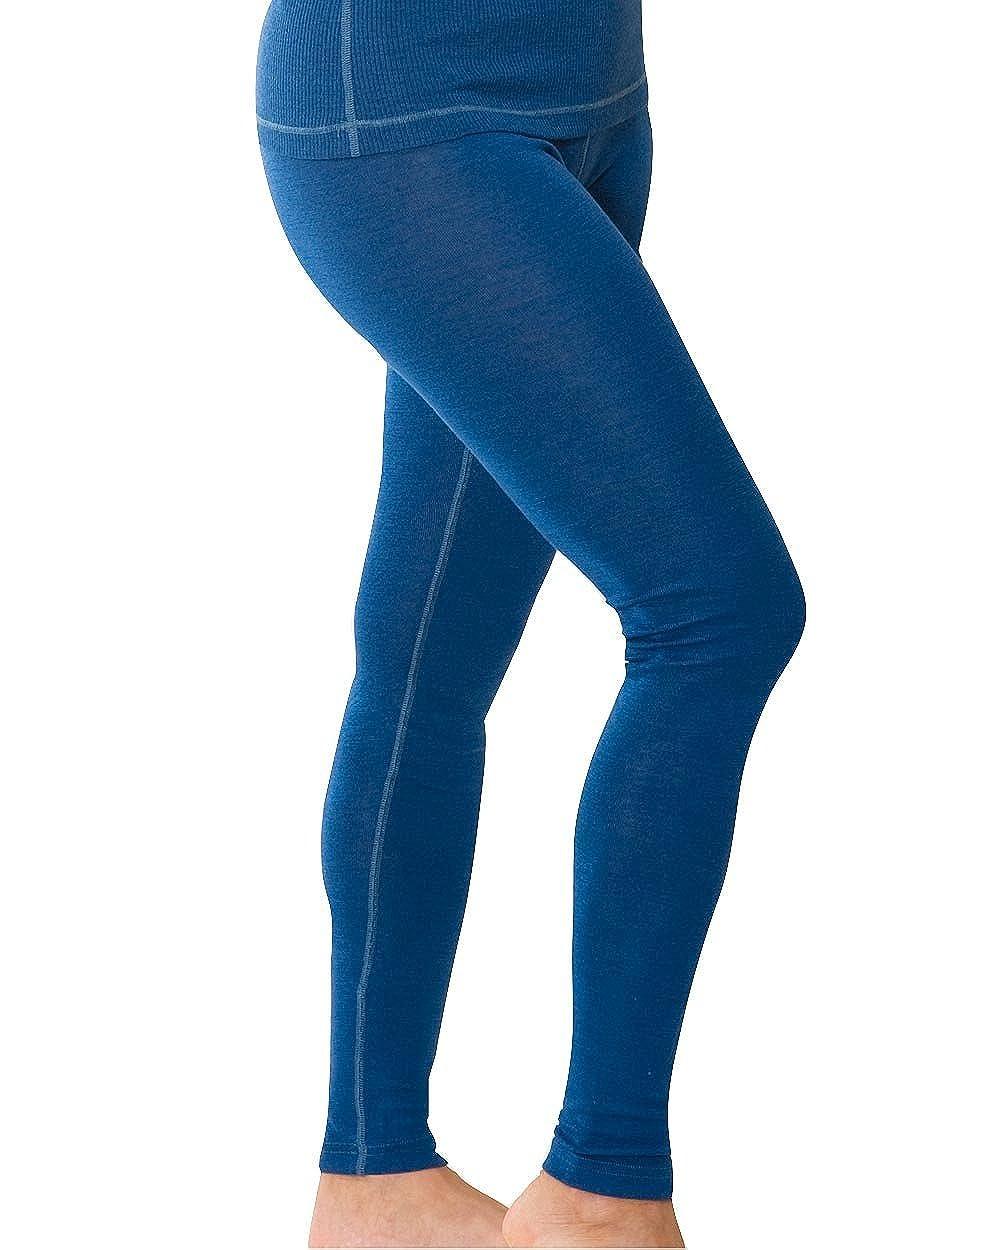 Damen Leggings Sport, Wolle Seide, Gr. 34/36 - 46/48 Gr. 42/44 771500